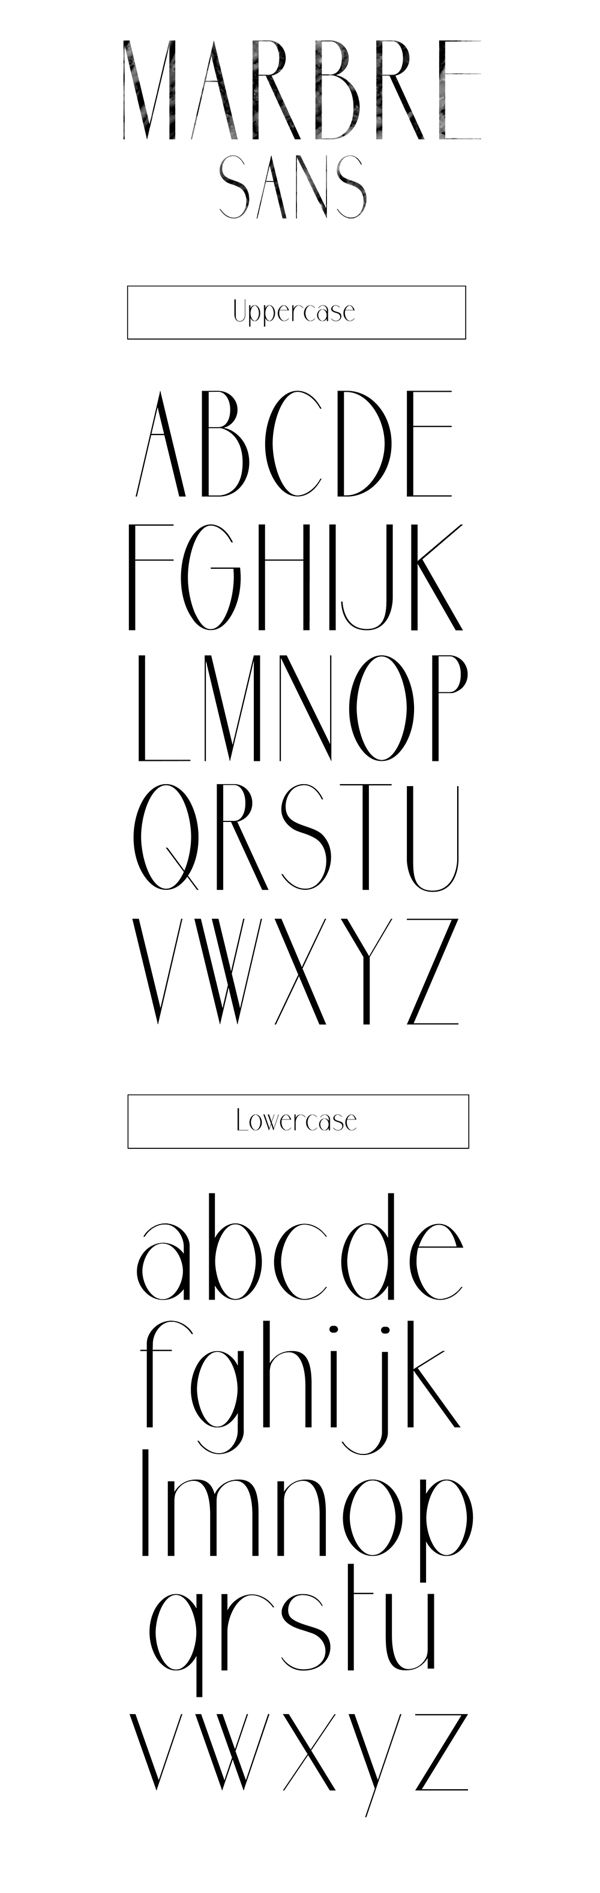 Marbre Sans Free Font By Youssef Habchi Via Behance